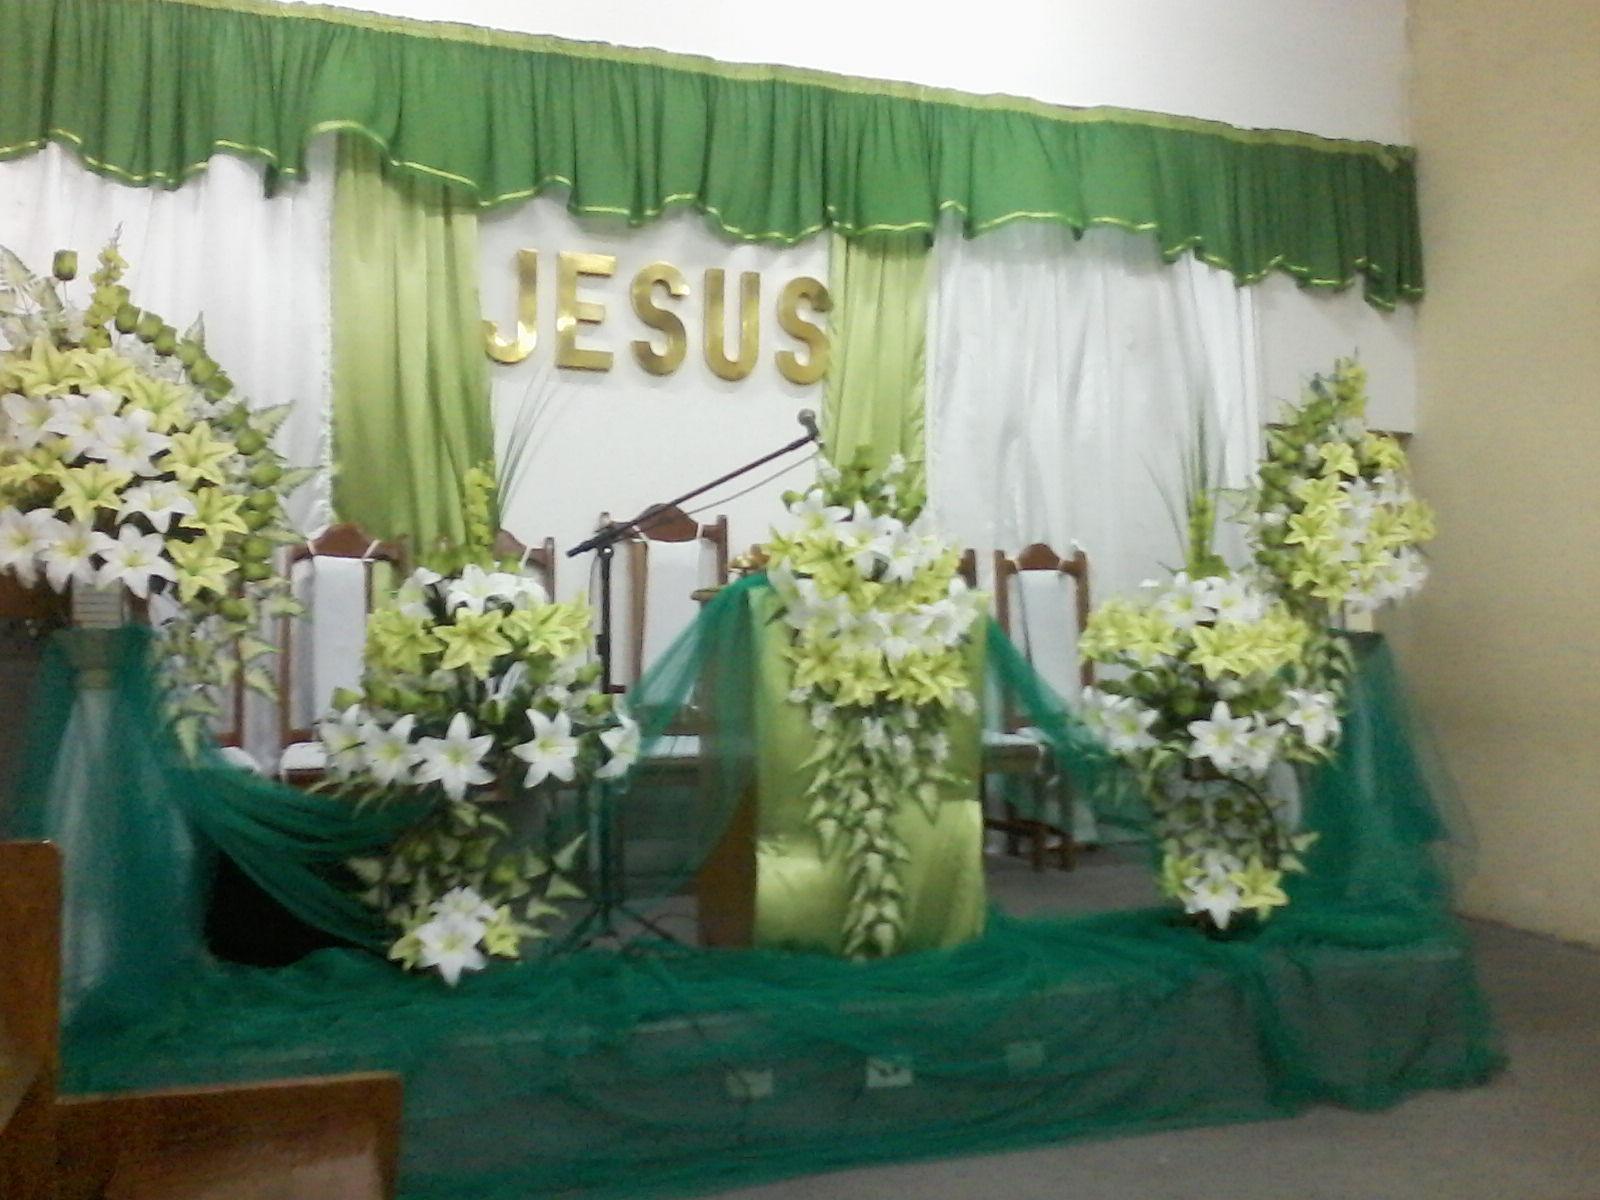 Decorações para eventos arranjo coluna imagens de flores  - Fotos De Arranjos De Flores Artificiais Para Igrejas